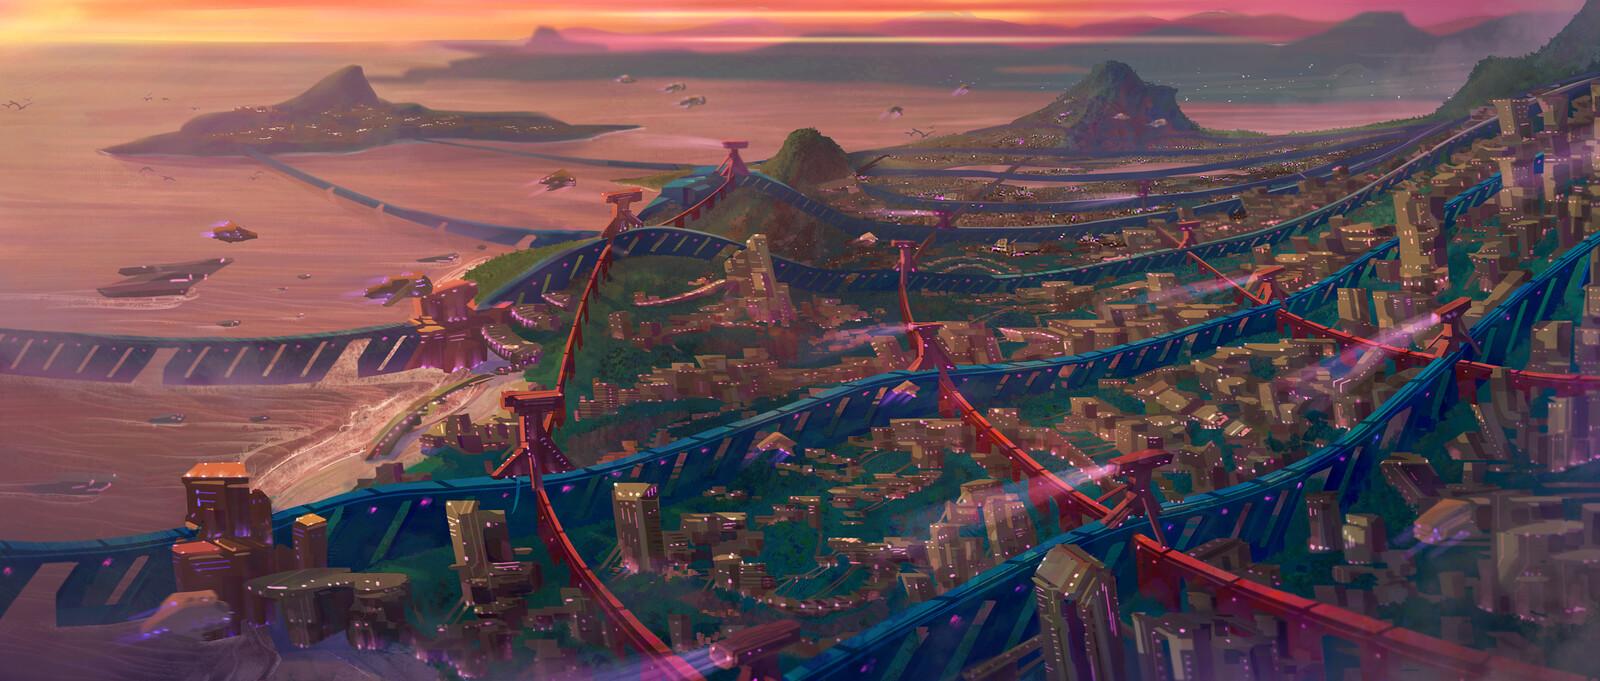 Industrial Sprawl